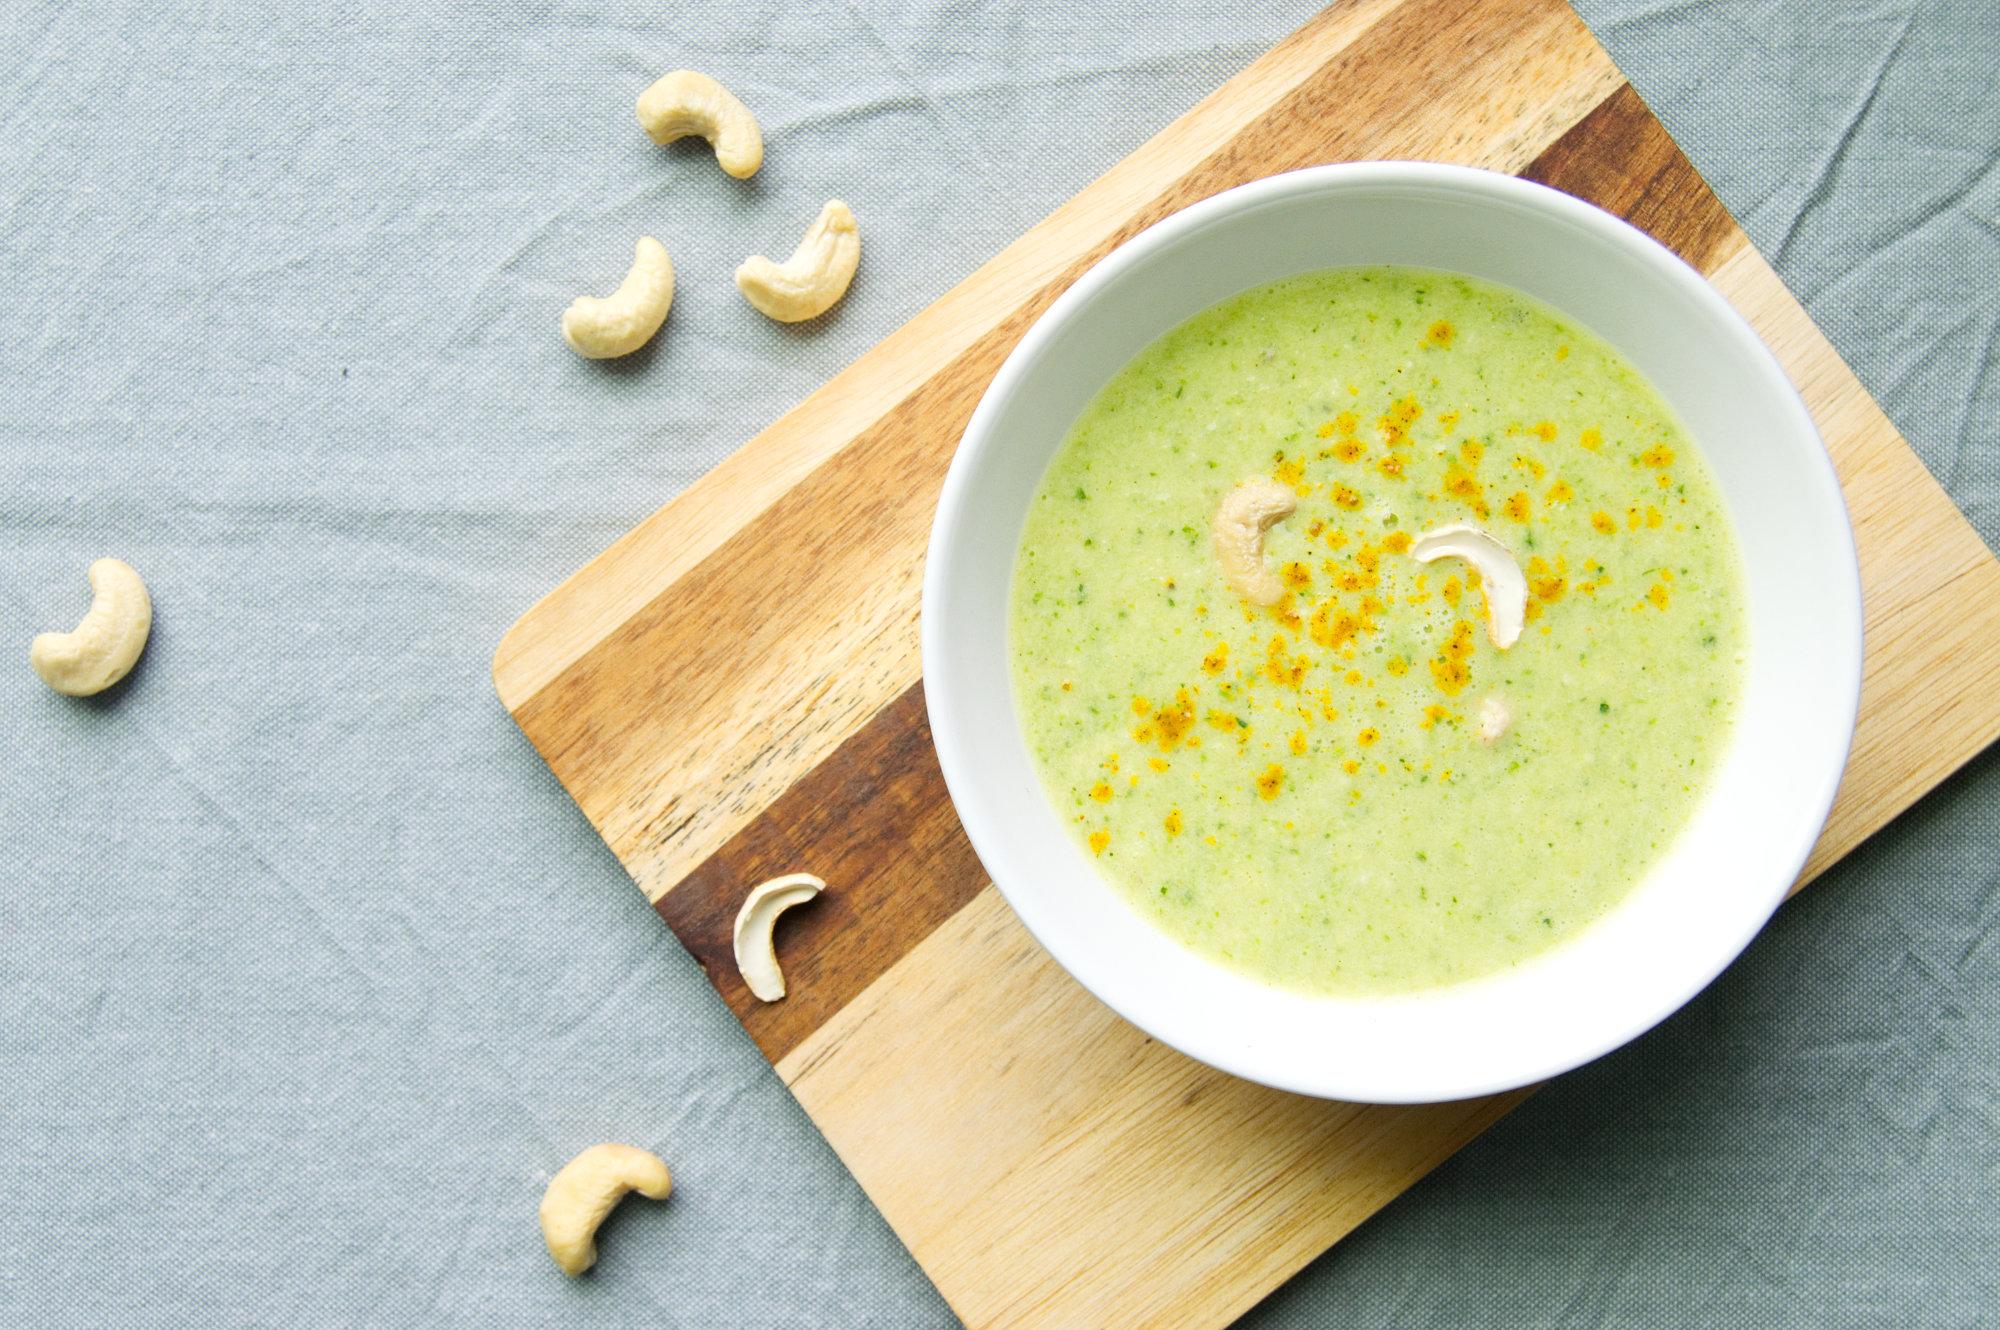 rezept ayurvedische zucchinisuppe uloop magazin